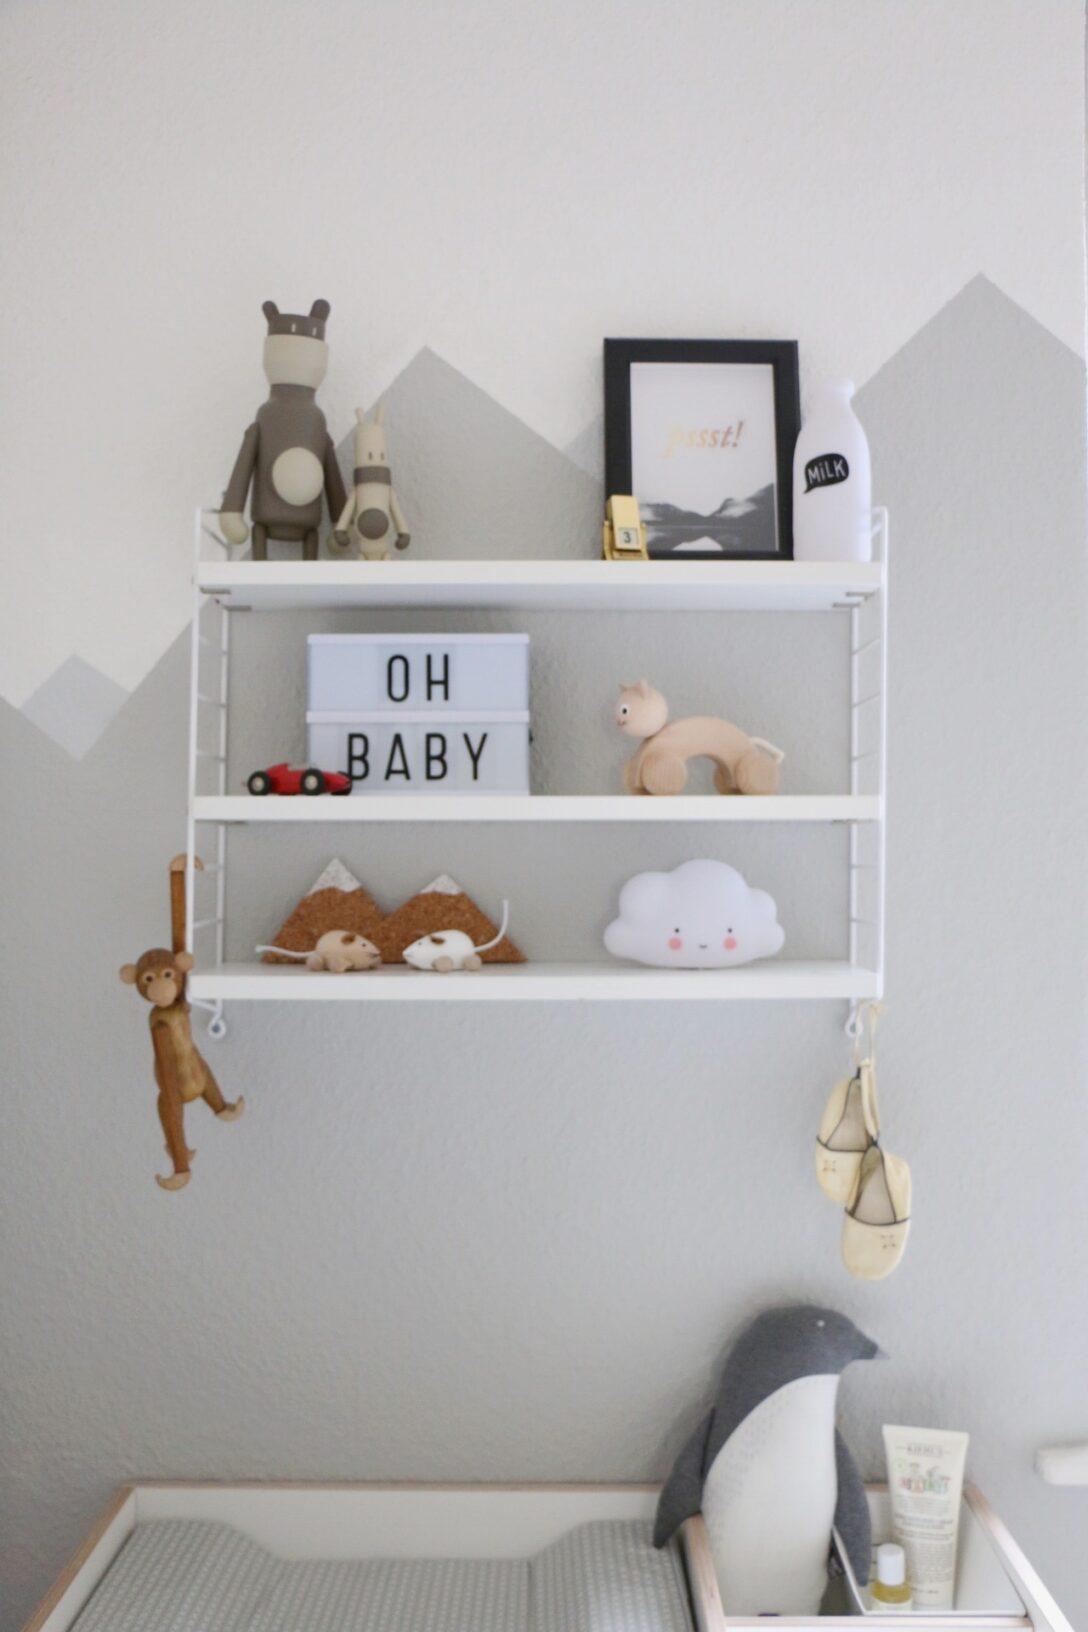 Large Size of Wandgestaltung Kinderzimmer Jungen Mountain Nursery Wallpaint Im Babyzimmer Eat Regal Regale Sofa Weiß Wohnzimmer Wandgestaltung Kinderzimmer Jungen